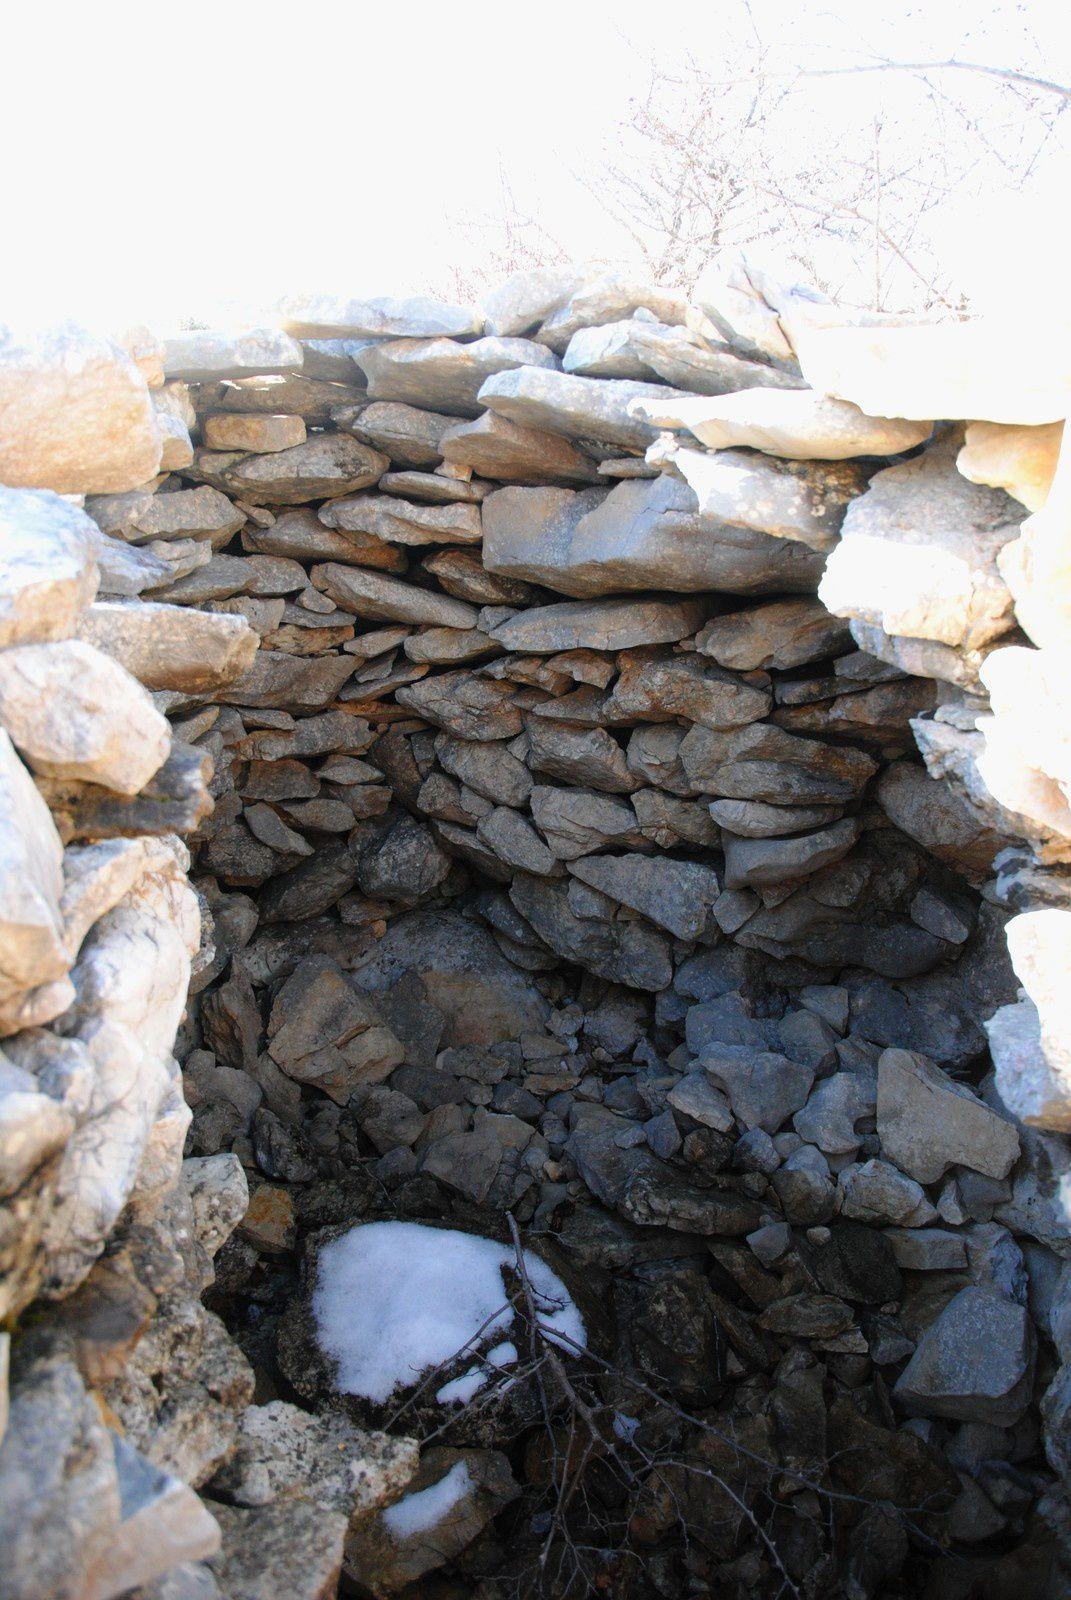 La Borie ogivale est la plus répandue, circulaire à la base,les murs s'élèvent en tas de charge pour finir en voûte .Une dalle couronne parfois le sommet .  .